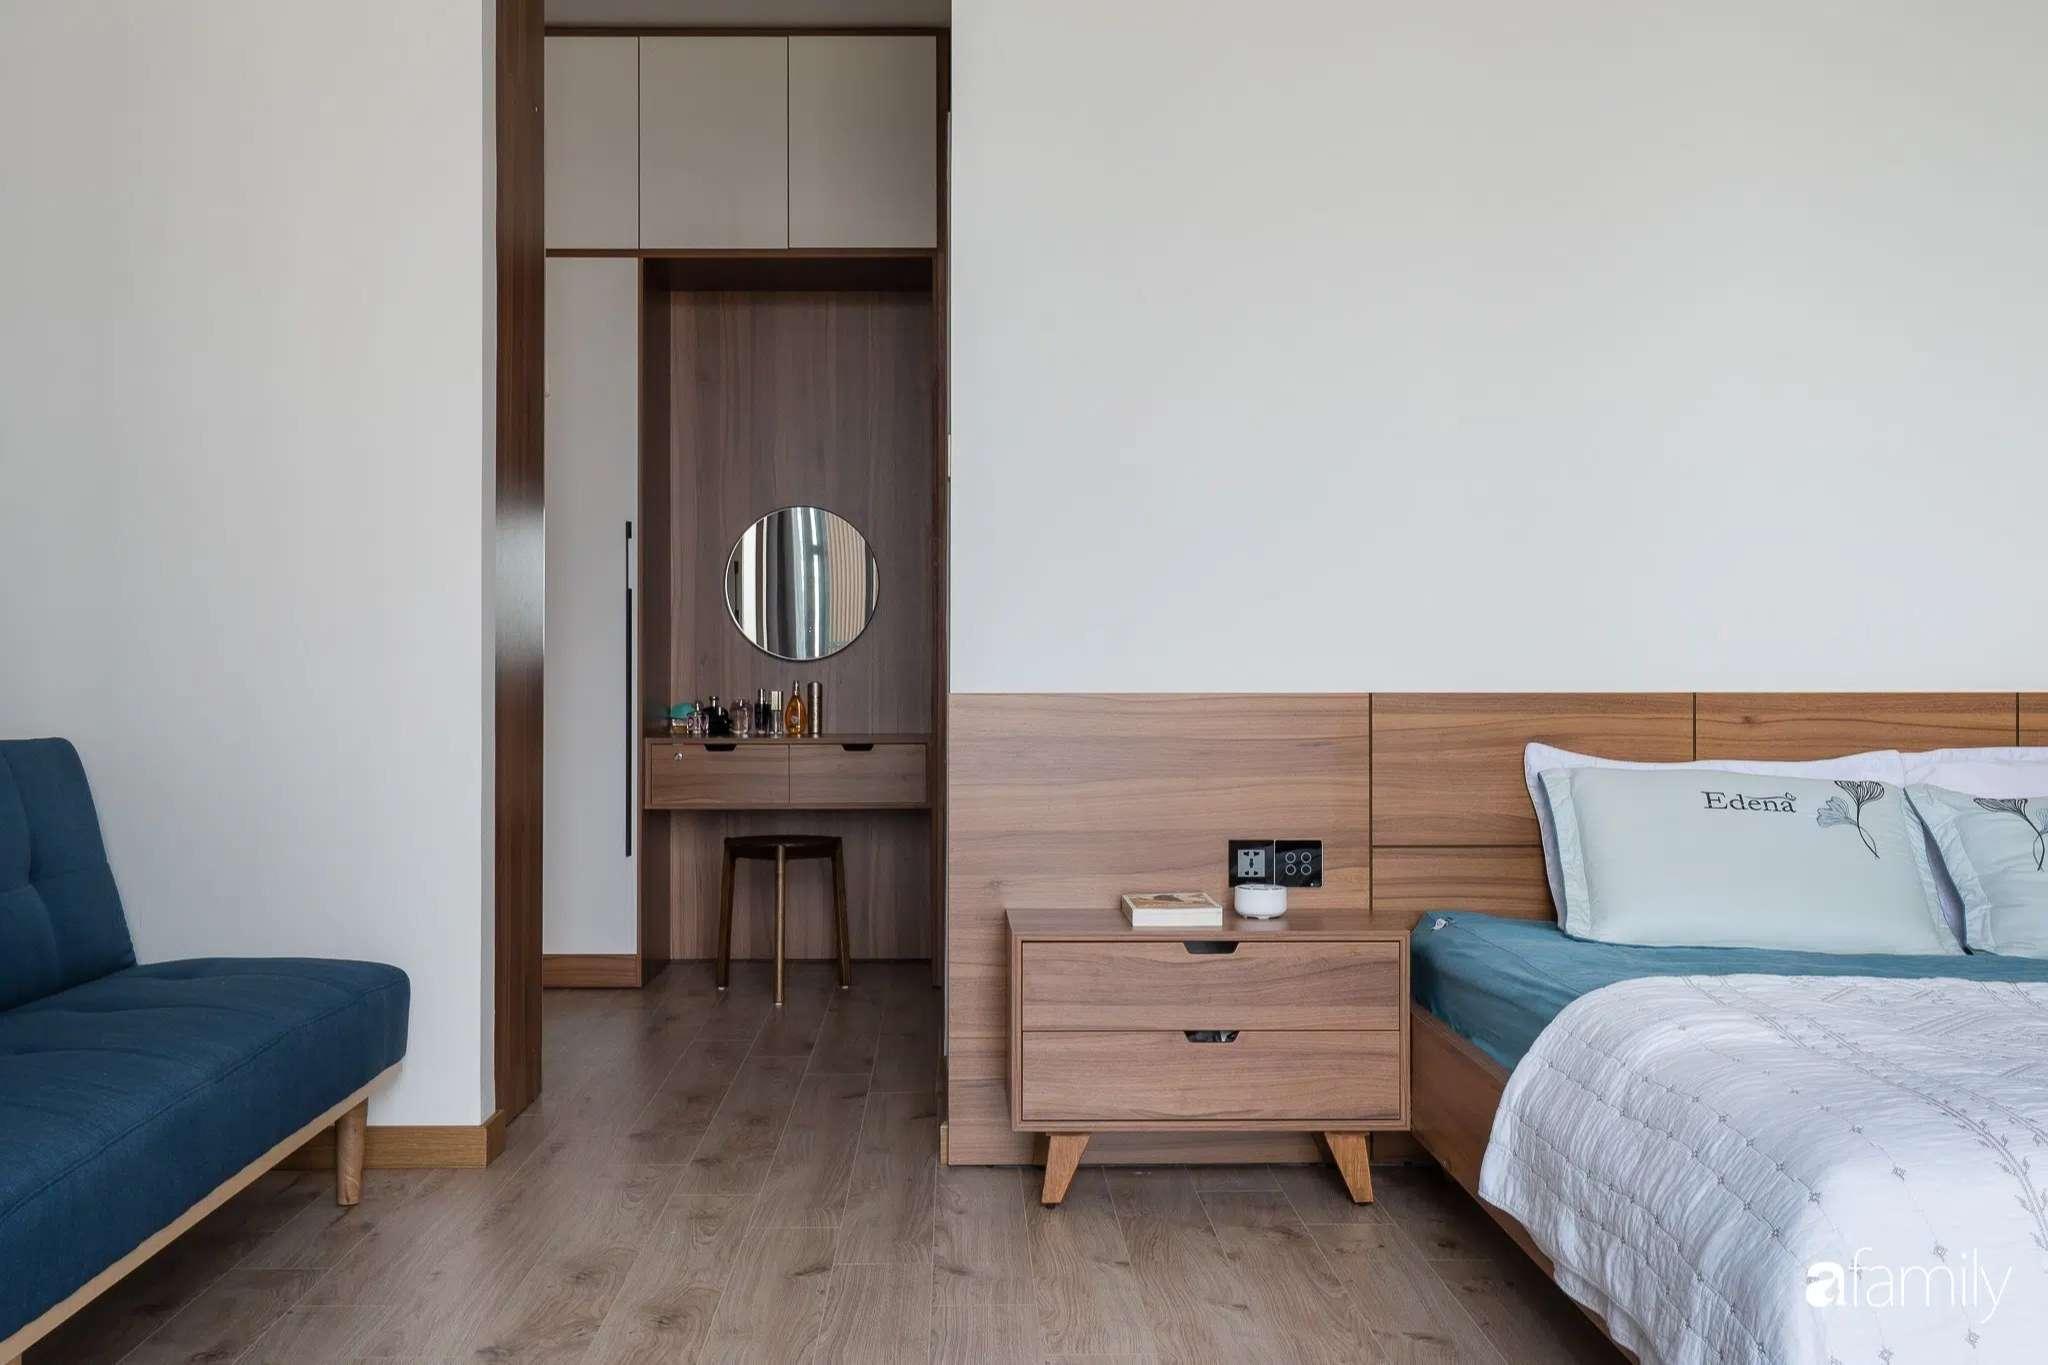 Mỗi căn phòng đều hướng tầm nhìn ra bên ngoài, thoải mái cảm nhận ánh sáng nhờ bước chuyển thời gian từ lam gỗ-2